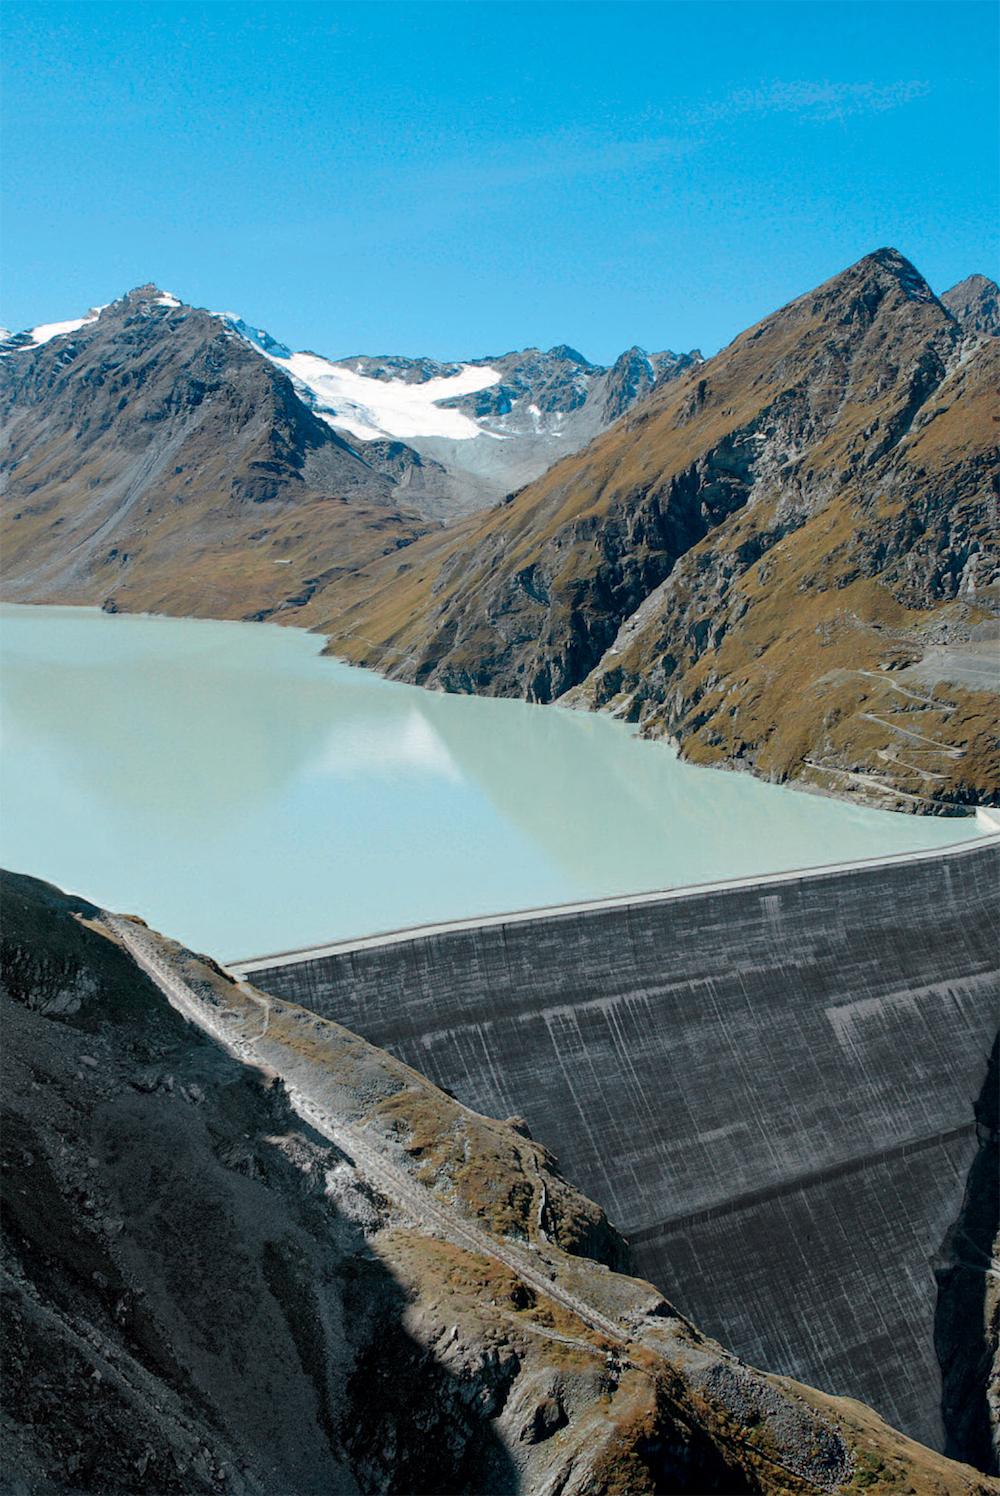 Die höchste Staumauer Europas ist mit 285 m der Grande Dixence-Damm in der Schweiz.